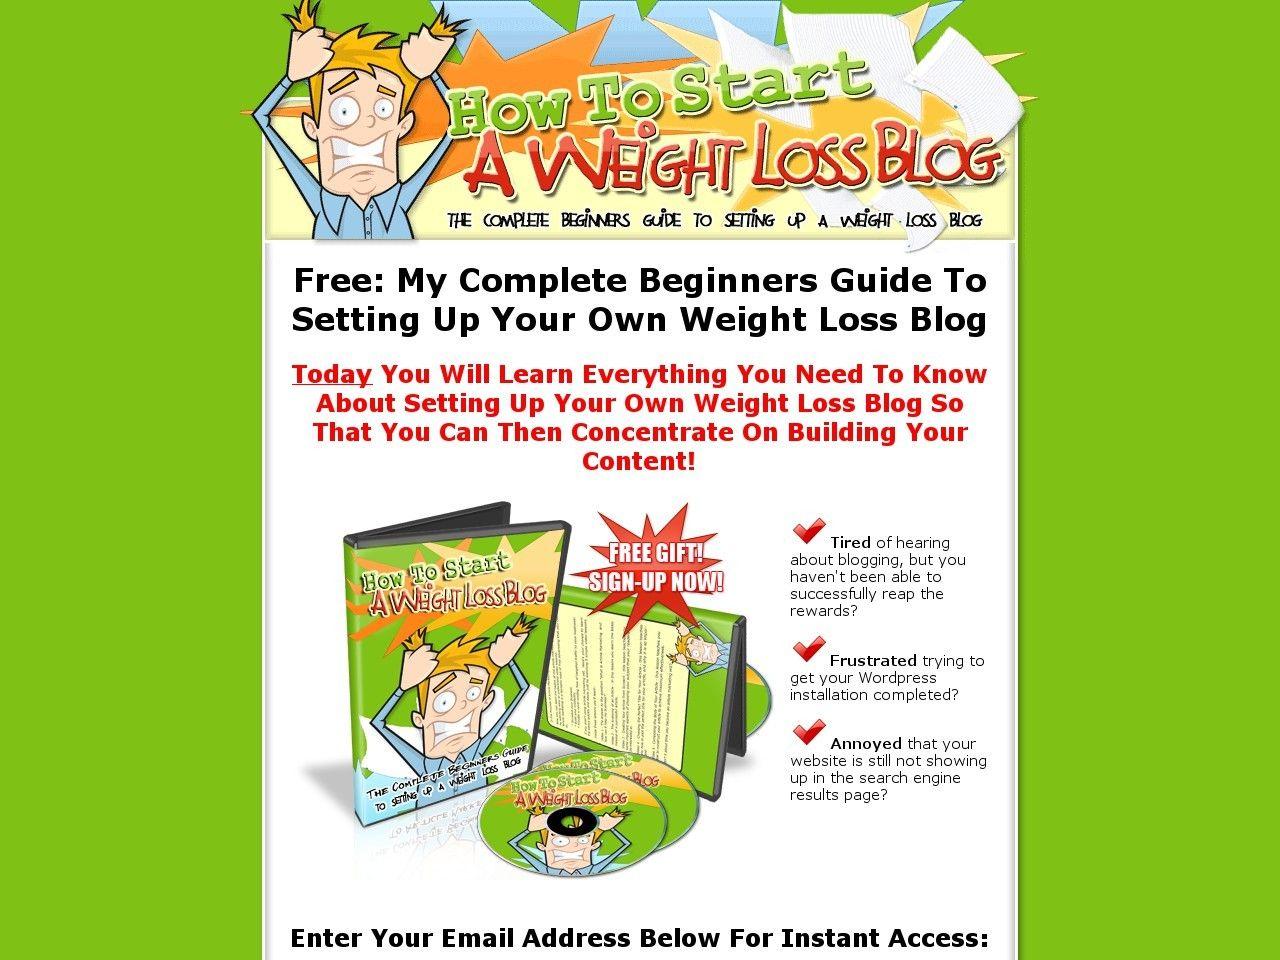 [Get] How To Start A Weight Loss Blog - http://www.vnulab.be/lab-review/how-to-start-a-weight-loss-blog ,http://s.wordpress.com/mshots/v1/http%3A%2F%2Fforexrbot.wlbloggers.hop.clickbank.net